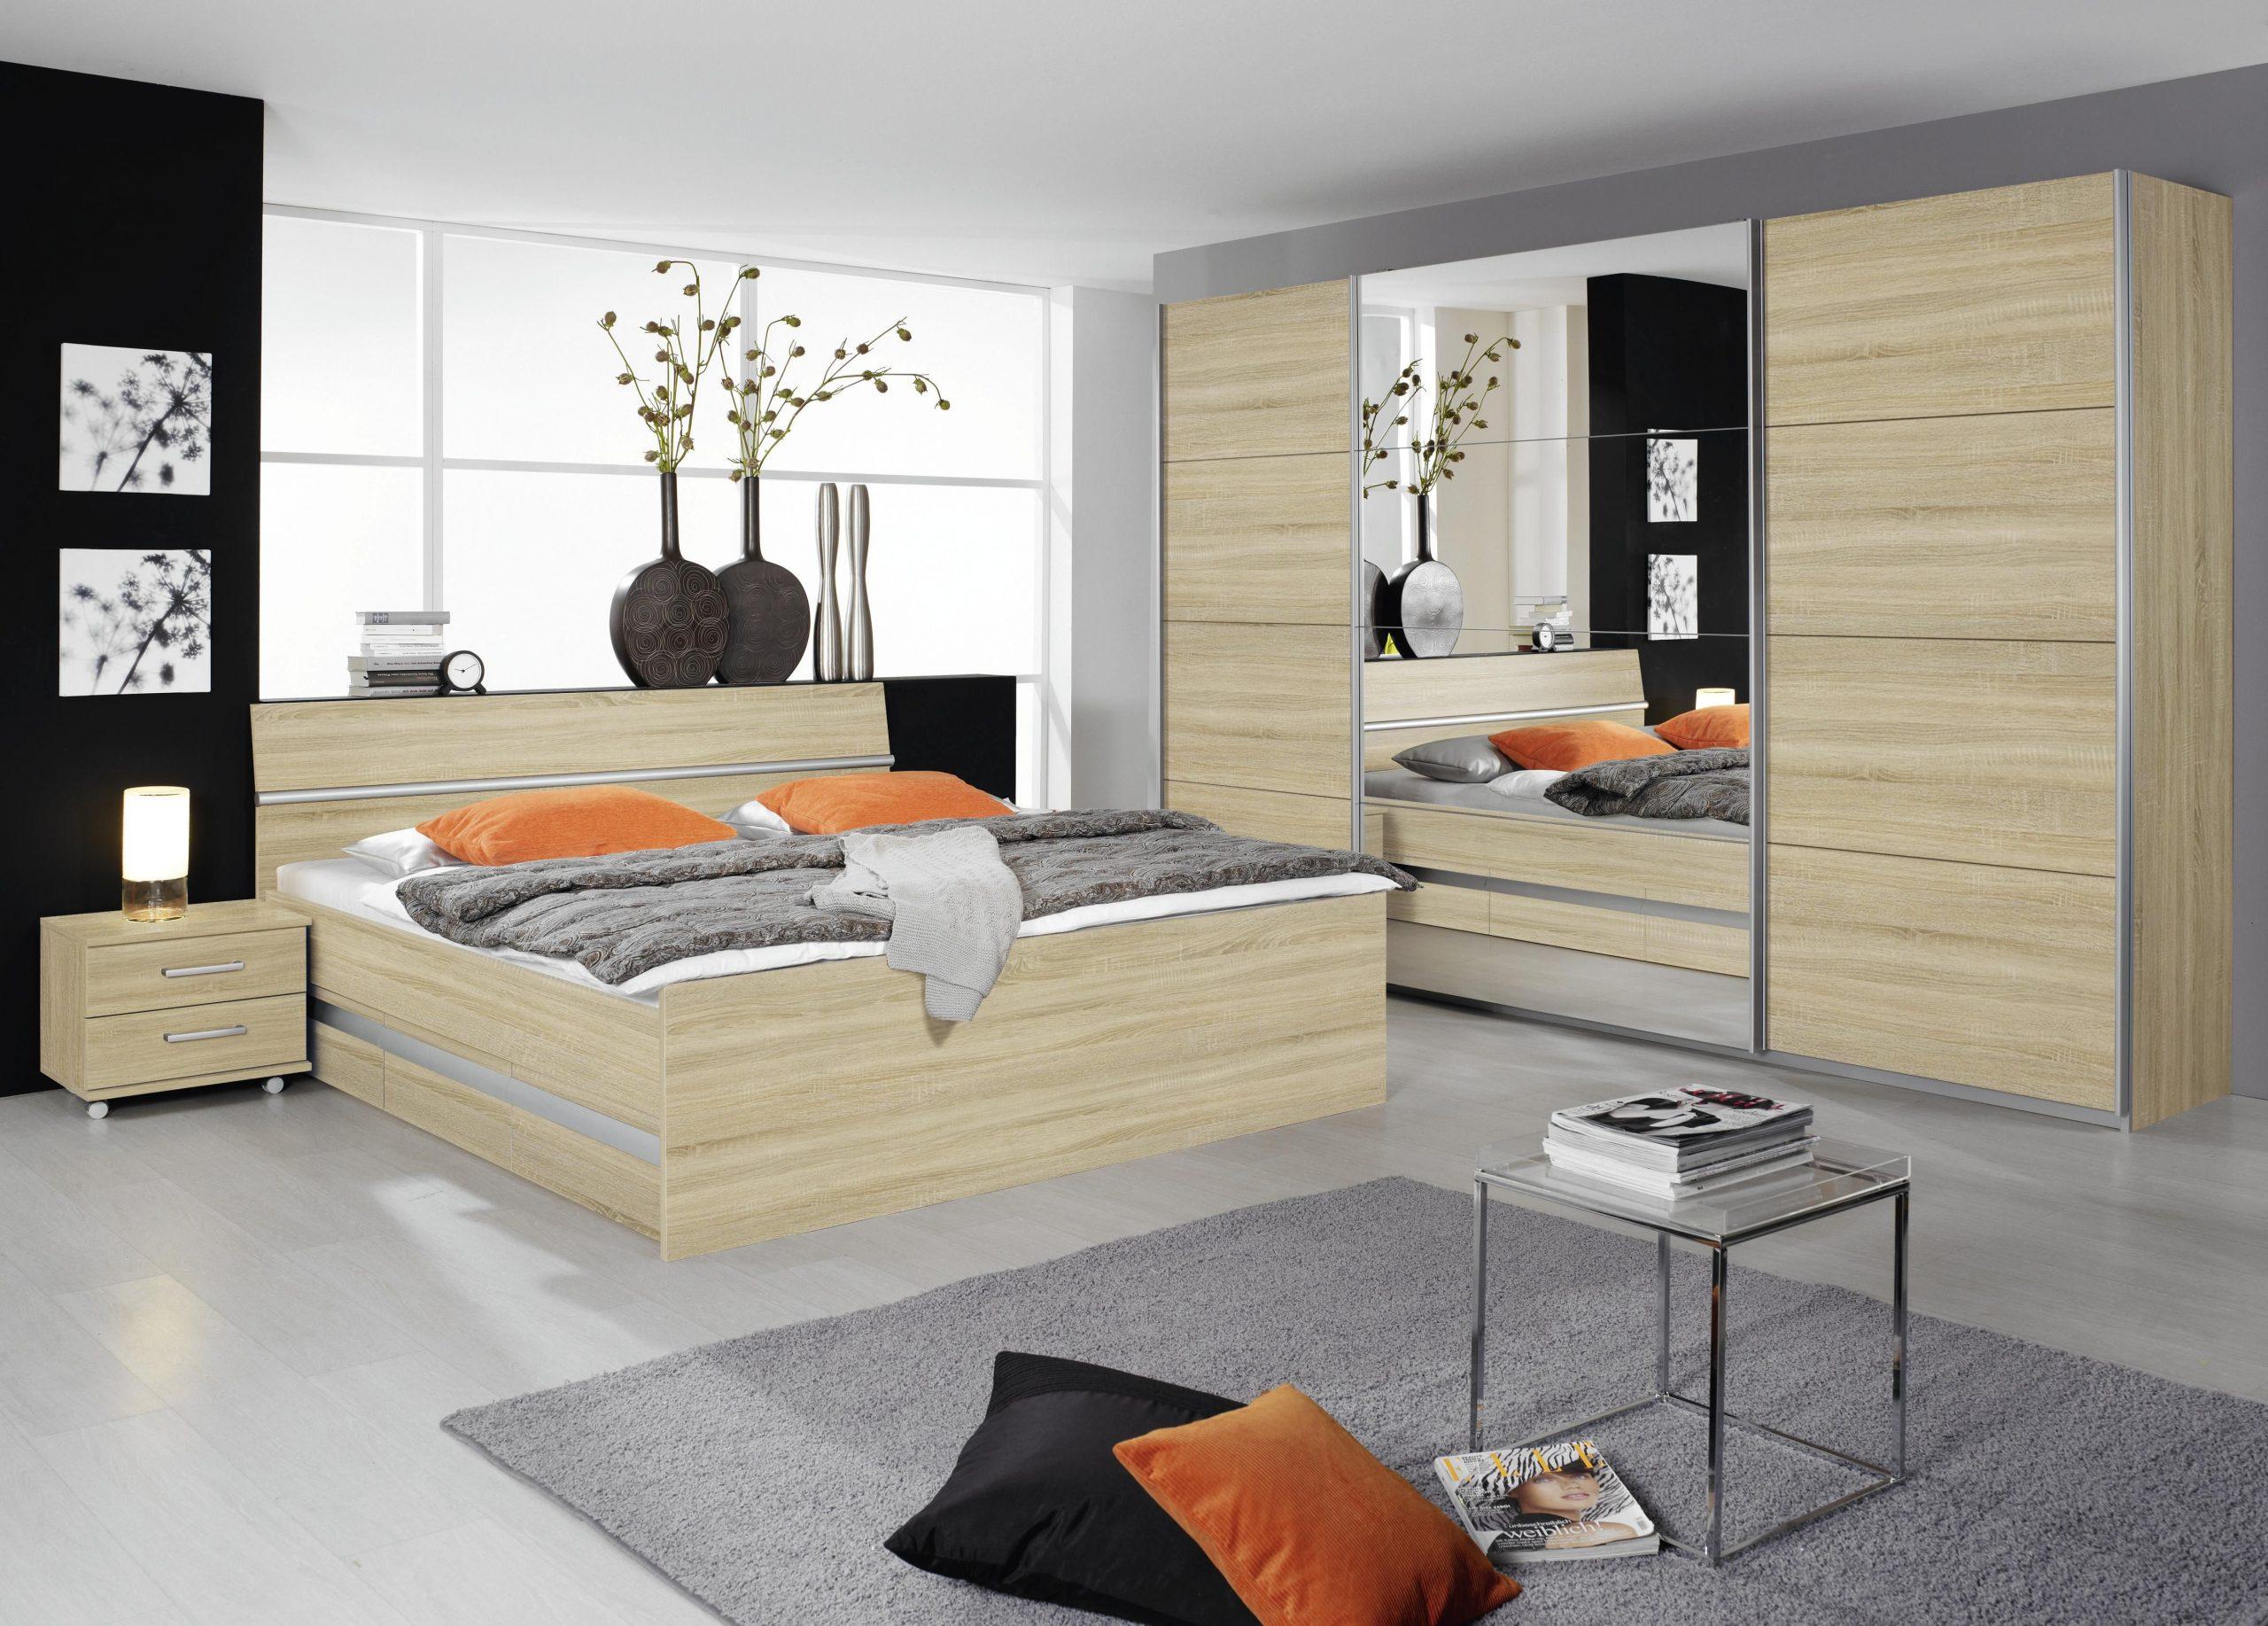 Full Size of Schlafzimmer Komplett Günstig Genial Gnstig Poco Furniture Einbauküche Weiss Bett Kaufen Set Schrank Komplettangebote Komplette Sofa Led Deckenleuchte Schlafzimmer Schlafzimmer Komplett Günstig